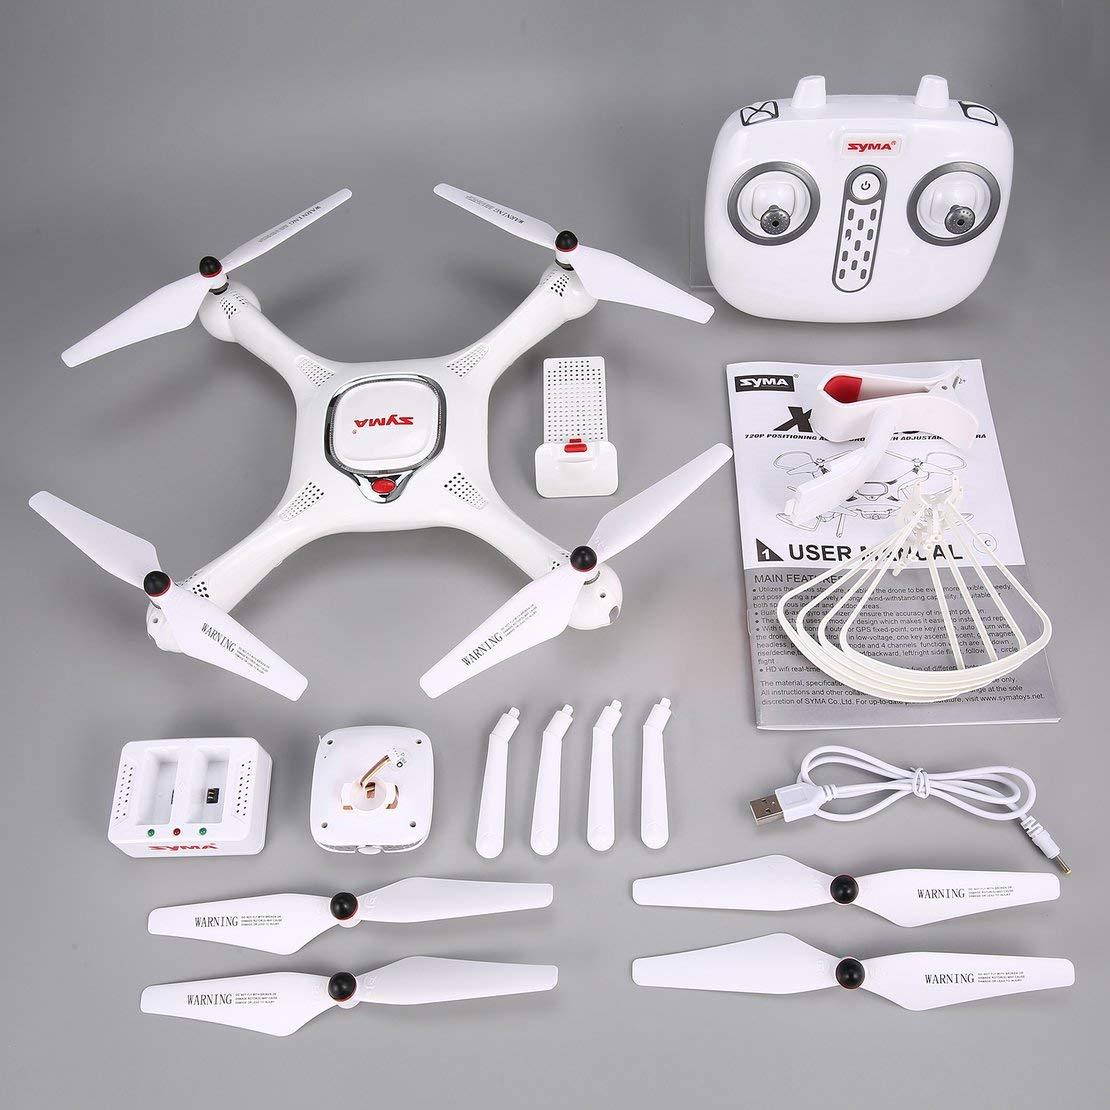 Sanzhileg Syma X25PRO 2.4G GPS Positionierung FPV RC Drohne Quadcopter mit 720P HD WiFi Einstellbare Kamera Höhe Halten Follow Me Geschenk